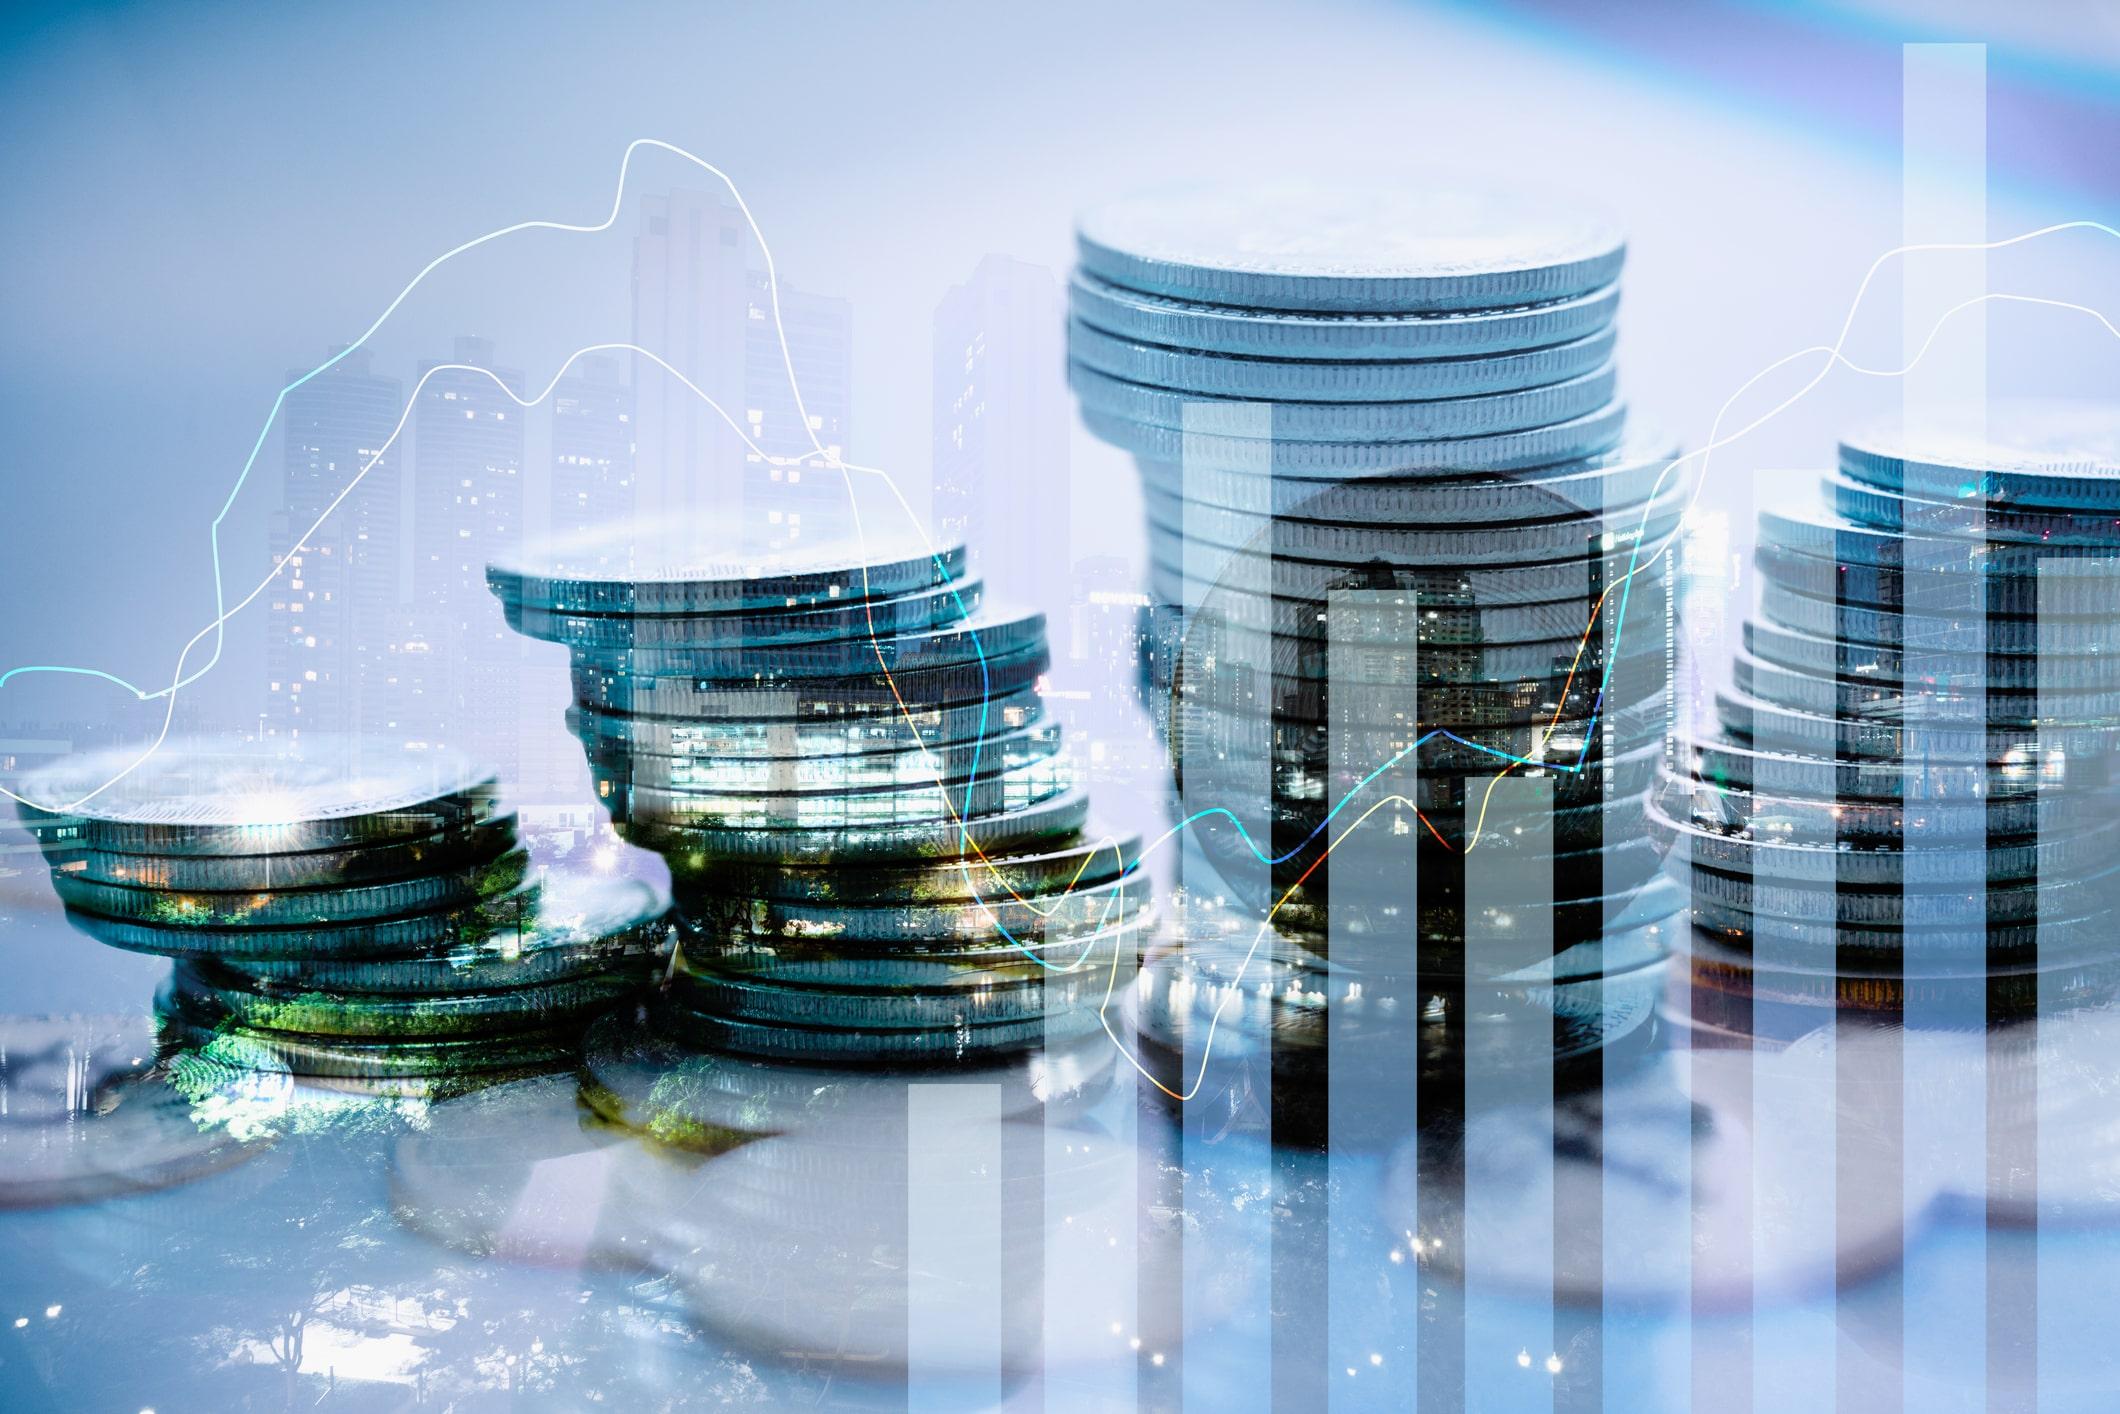 Rectificare bugetară: Deficitul urcă la 9,1% din PIB, cu 5 mld. de lei mai mult față de ultima estimare